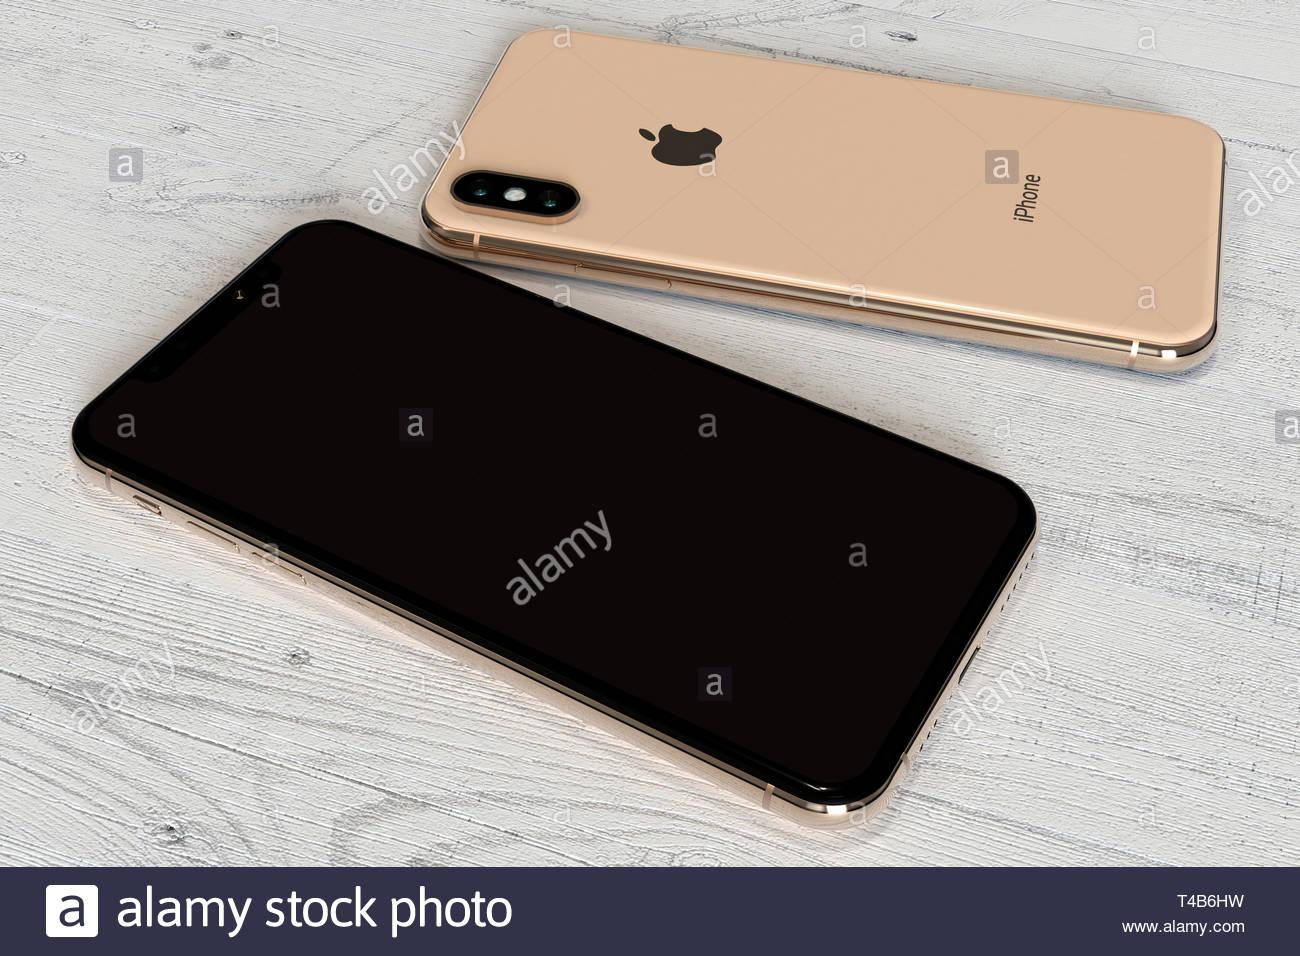 Bucarest Romania Aprile 2019 Apple Iphone Xs Gold Smartphone